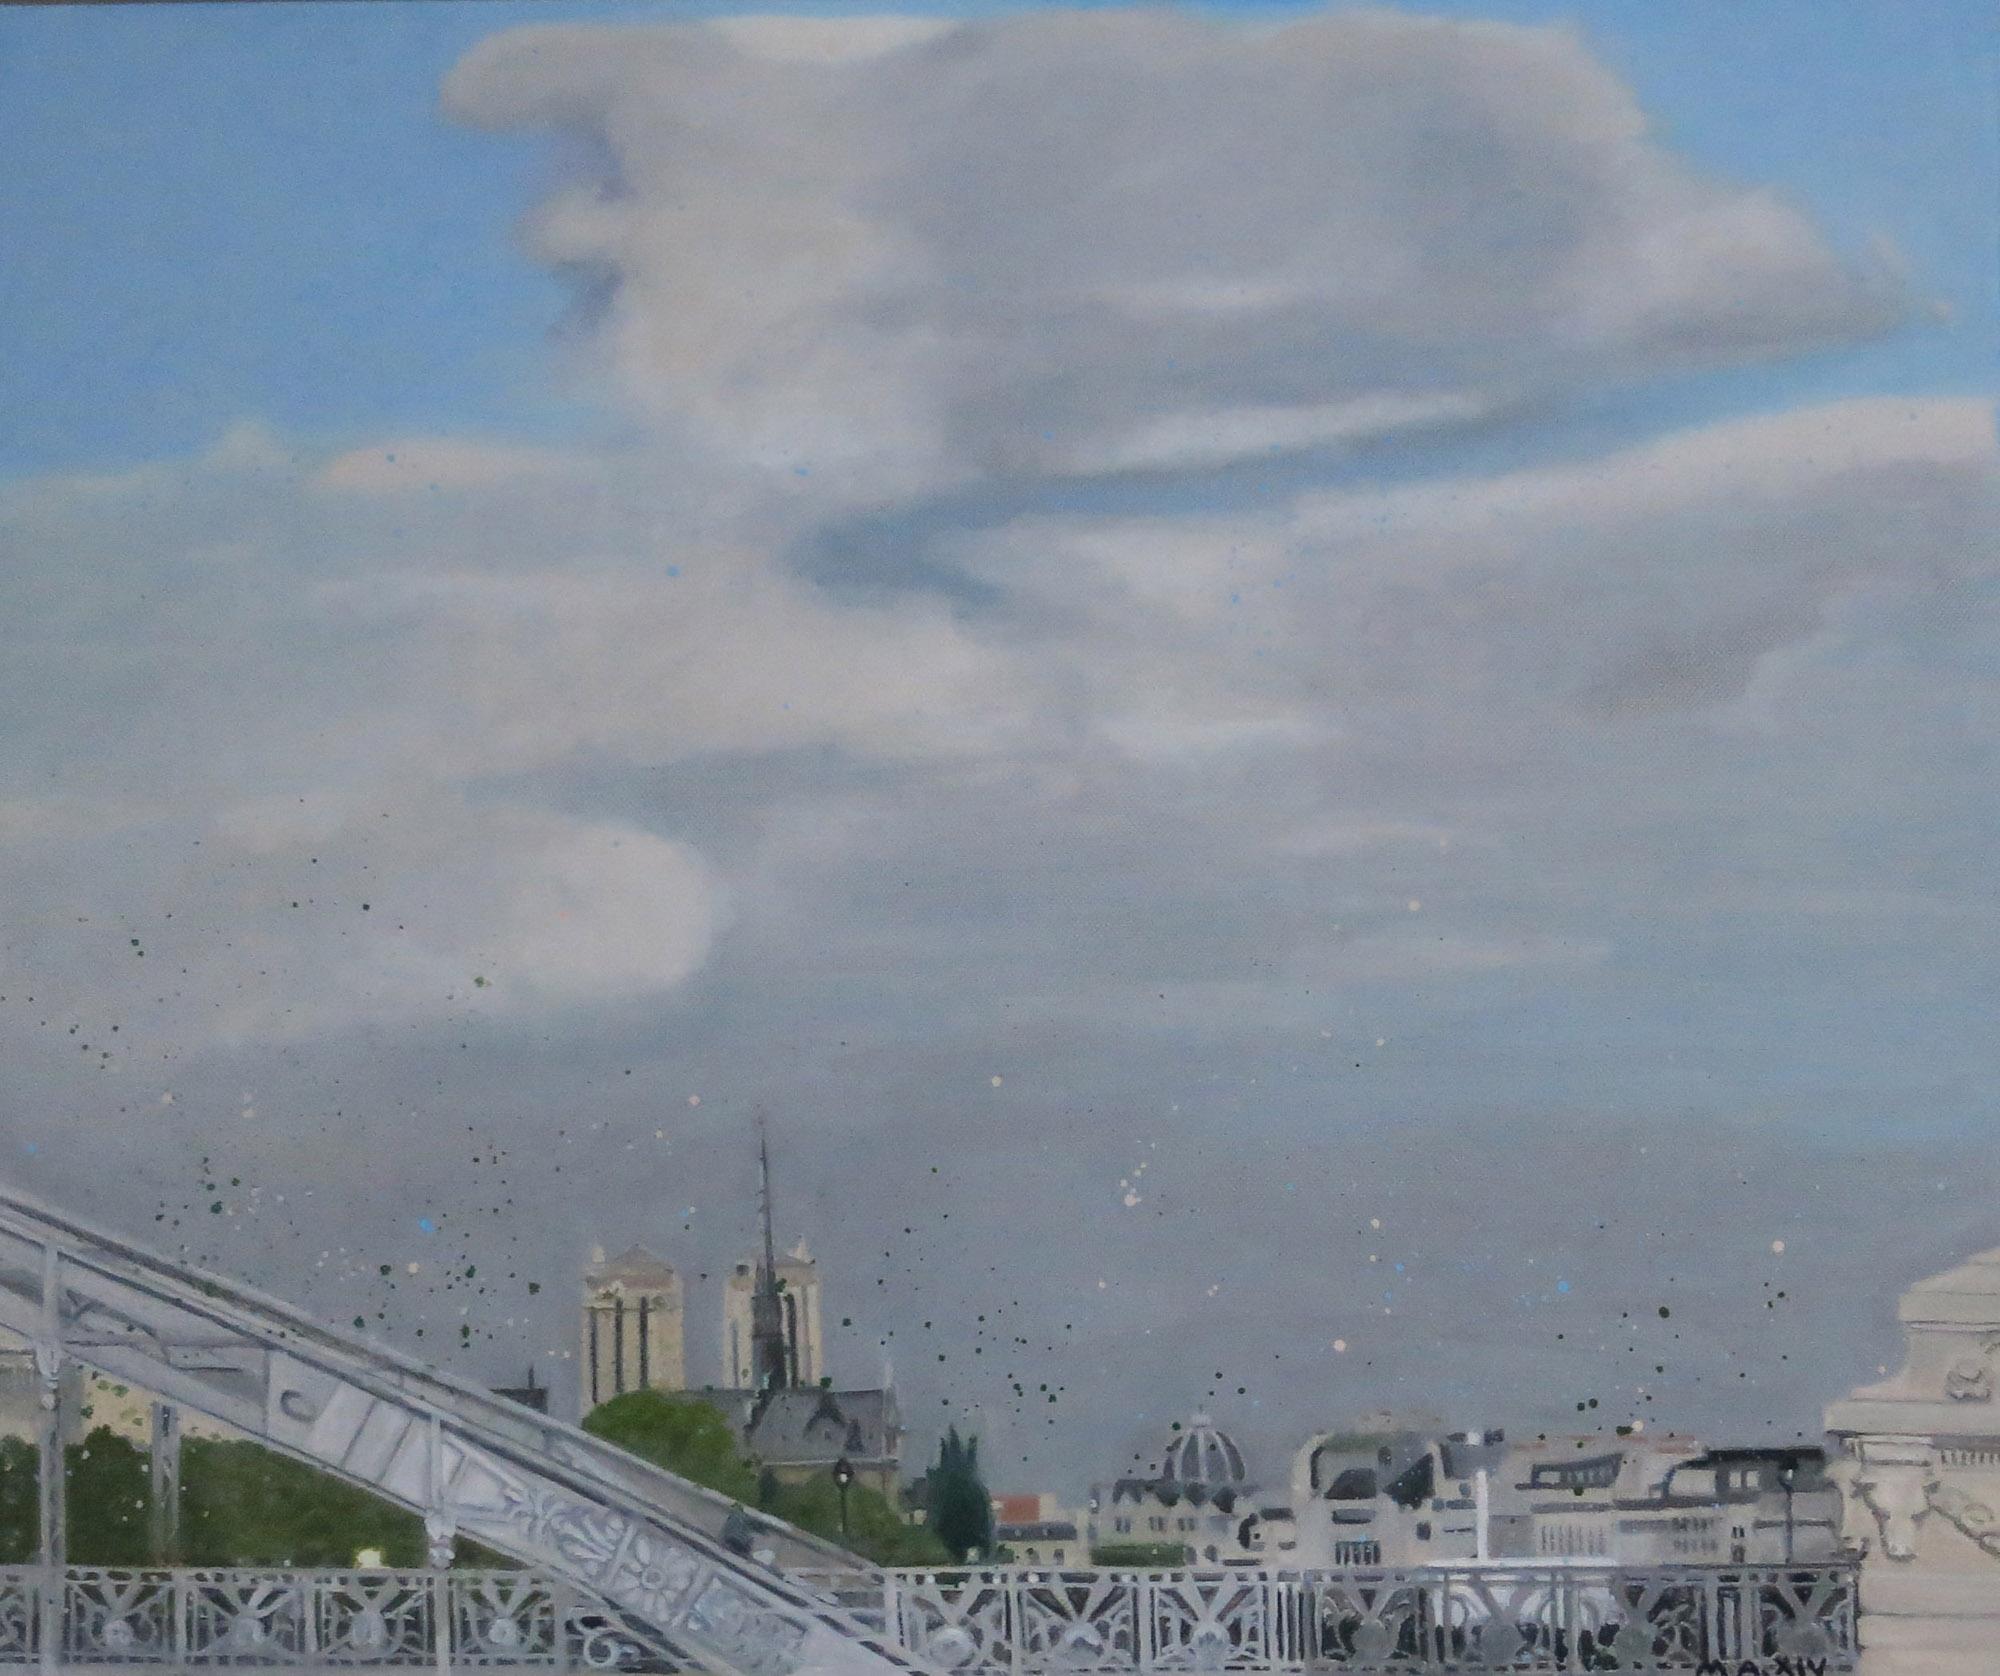 marie-auniac-design-paris-vue-du-pont-de-bercy-2014-60X50